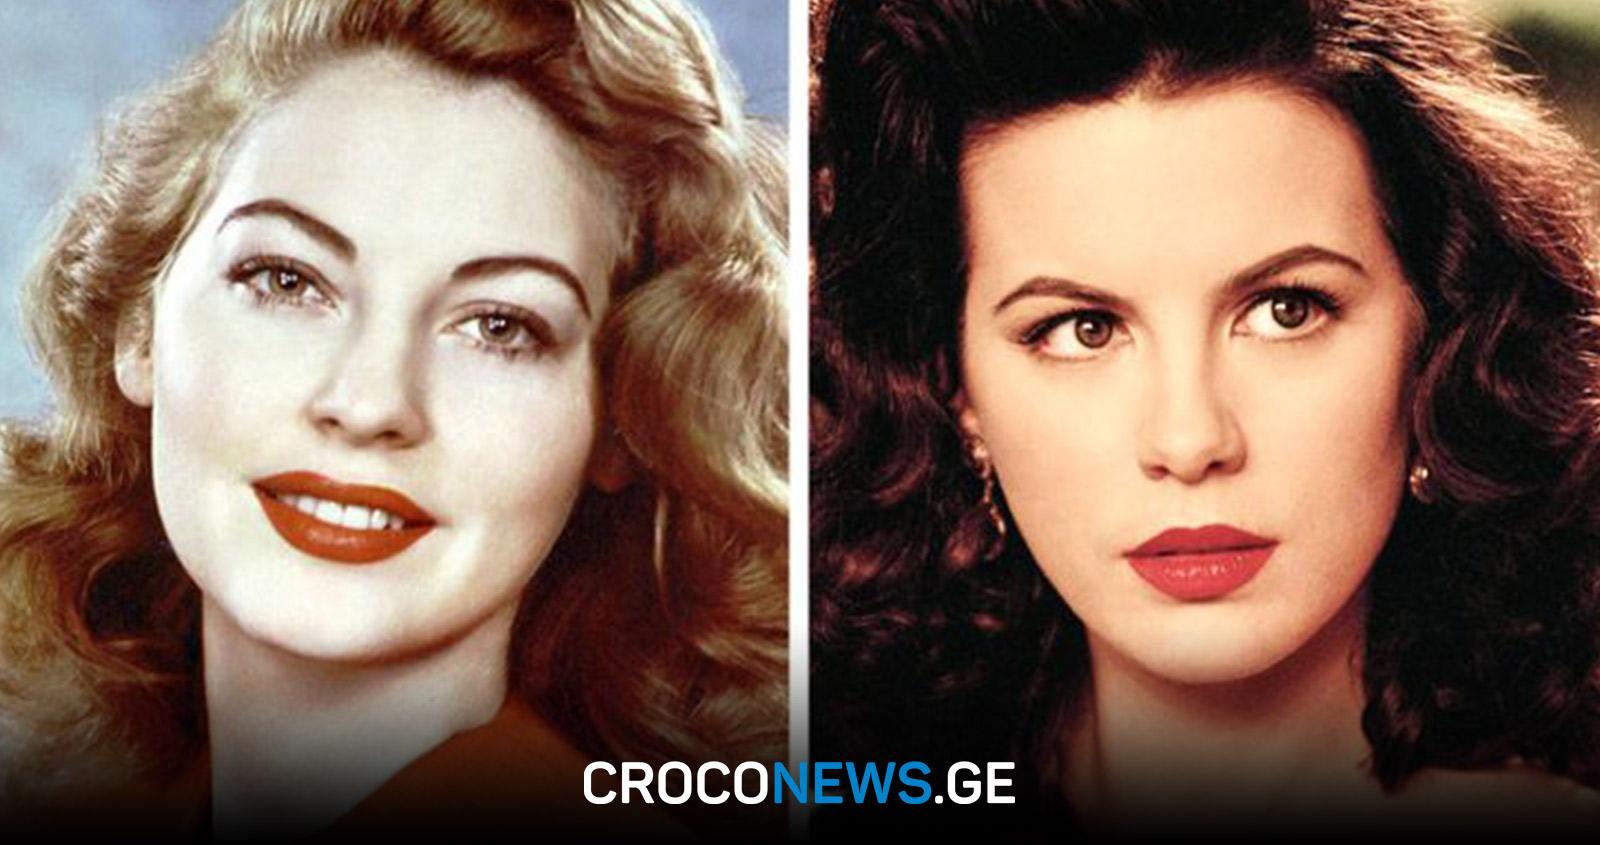 როგორ გამოიყურებოდნენ ქალები, რომლებმაც მსოფლიო შეცვალეს და წლების შემდეგ ისინი ჰოლივუდის ვარსკვლავებმა განასახიერეს